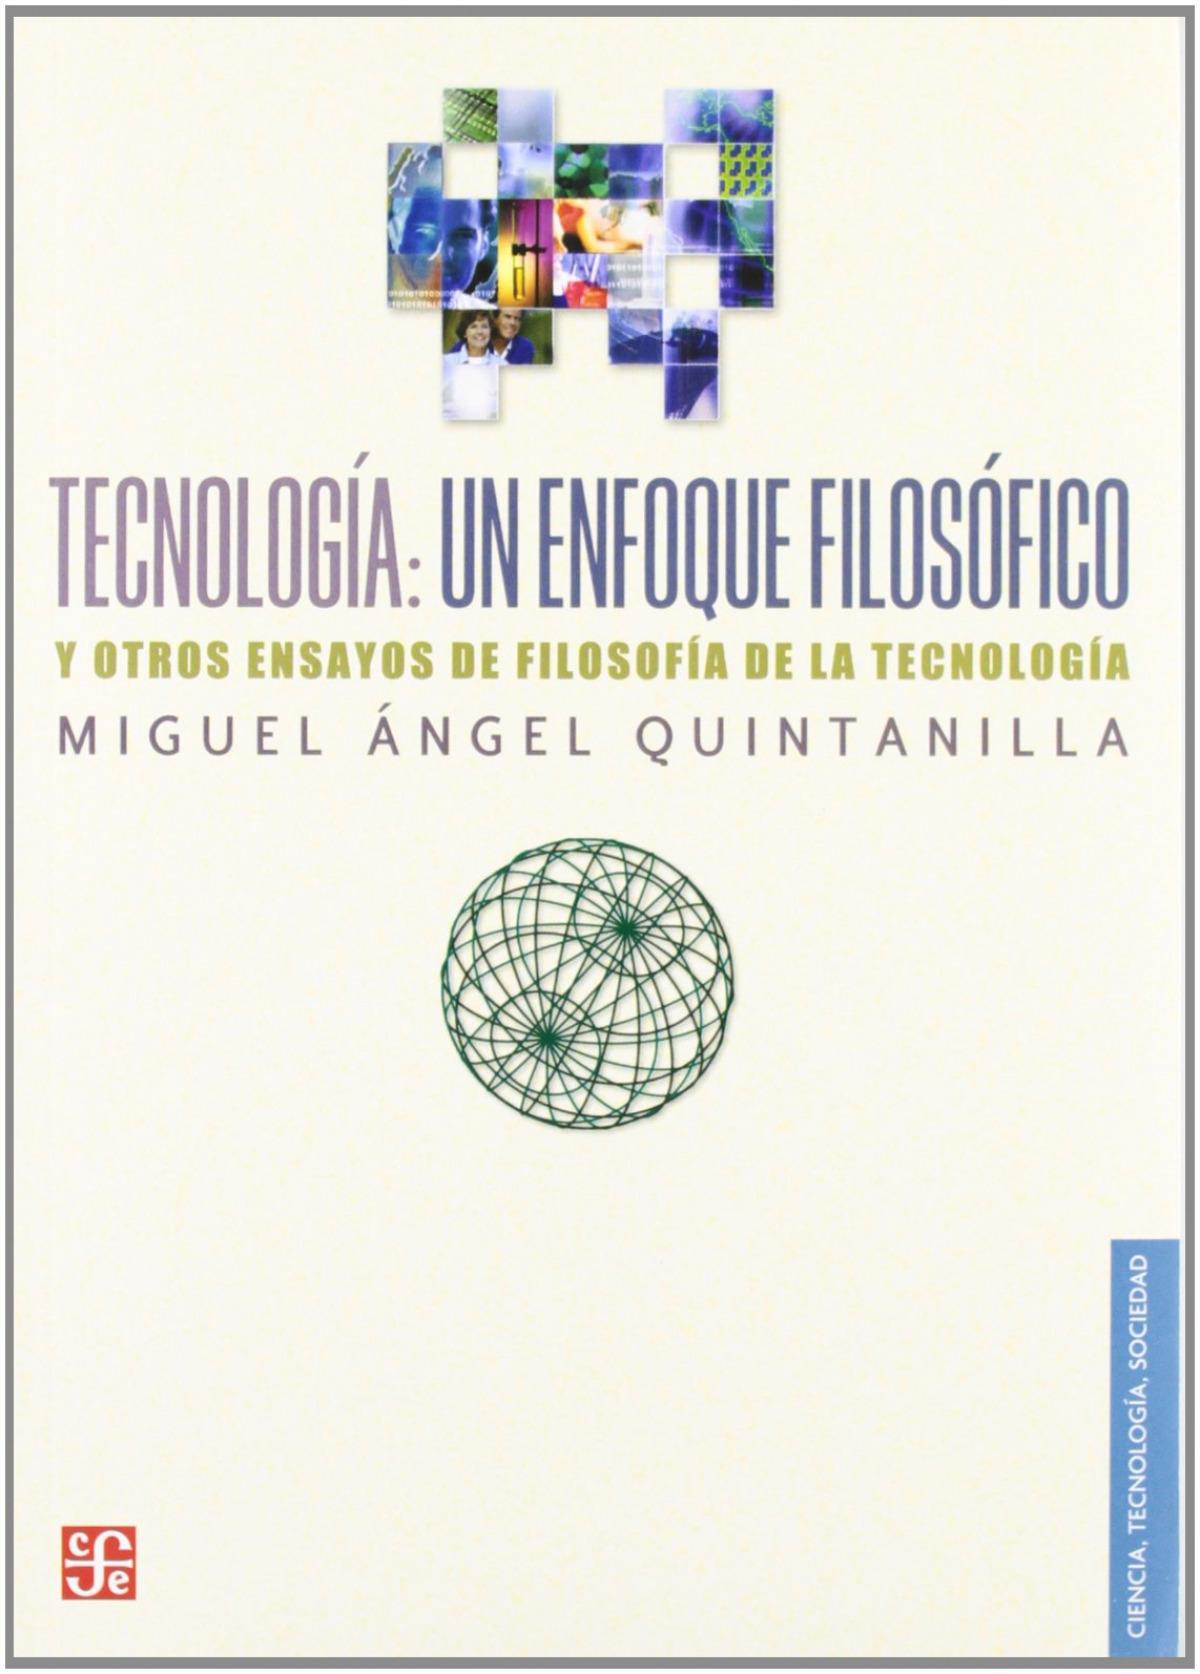 Tecnología : un enfoque filosófico y otros ensayos de filosofía de la tecnología